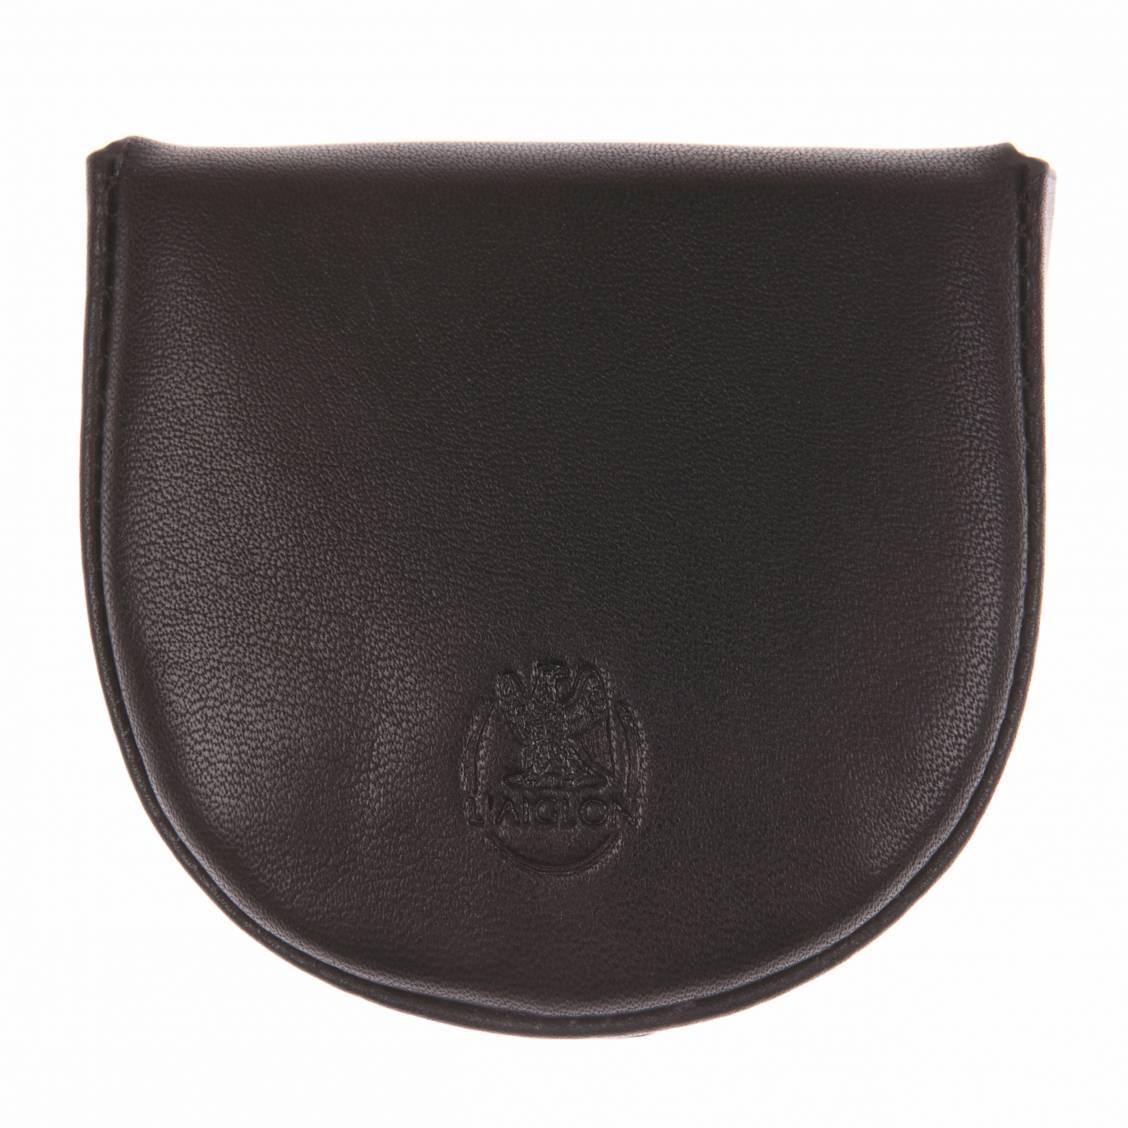 Porte-monnaie L'aiglon rond en cuir lisse noir. Cuir de veau lisse (100%)NoirLogo de la marque gravé à l'avant2 emplacementsUne ouvertur